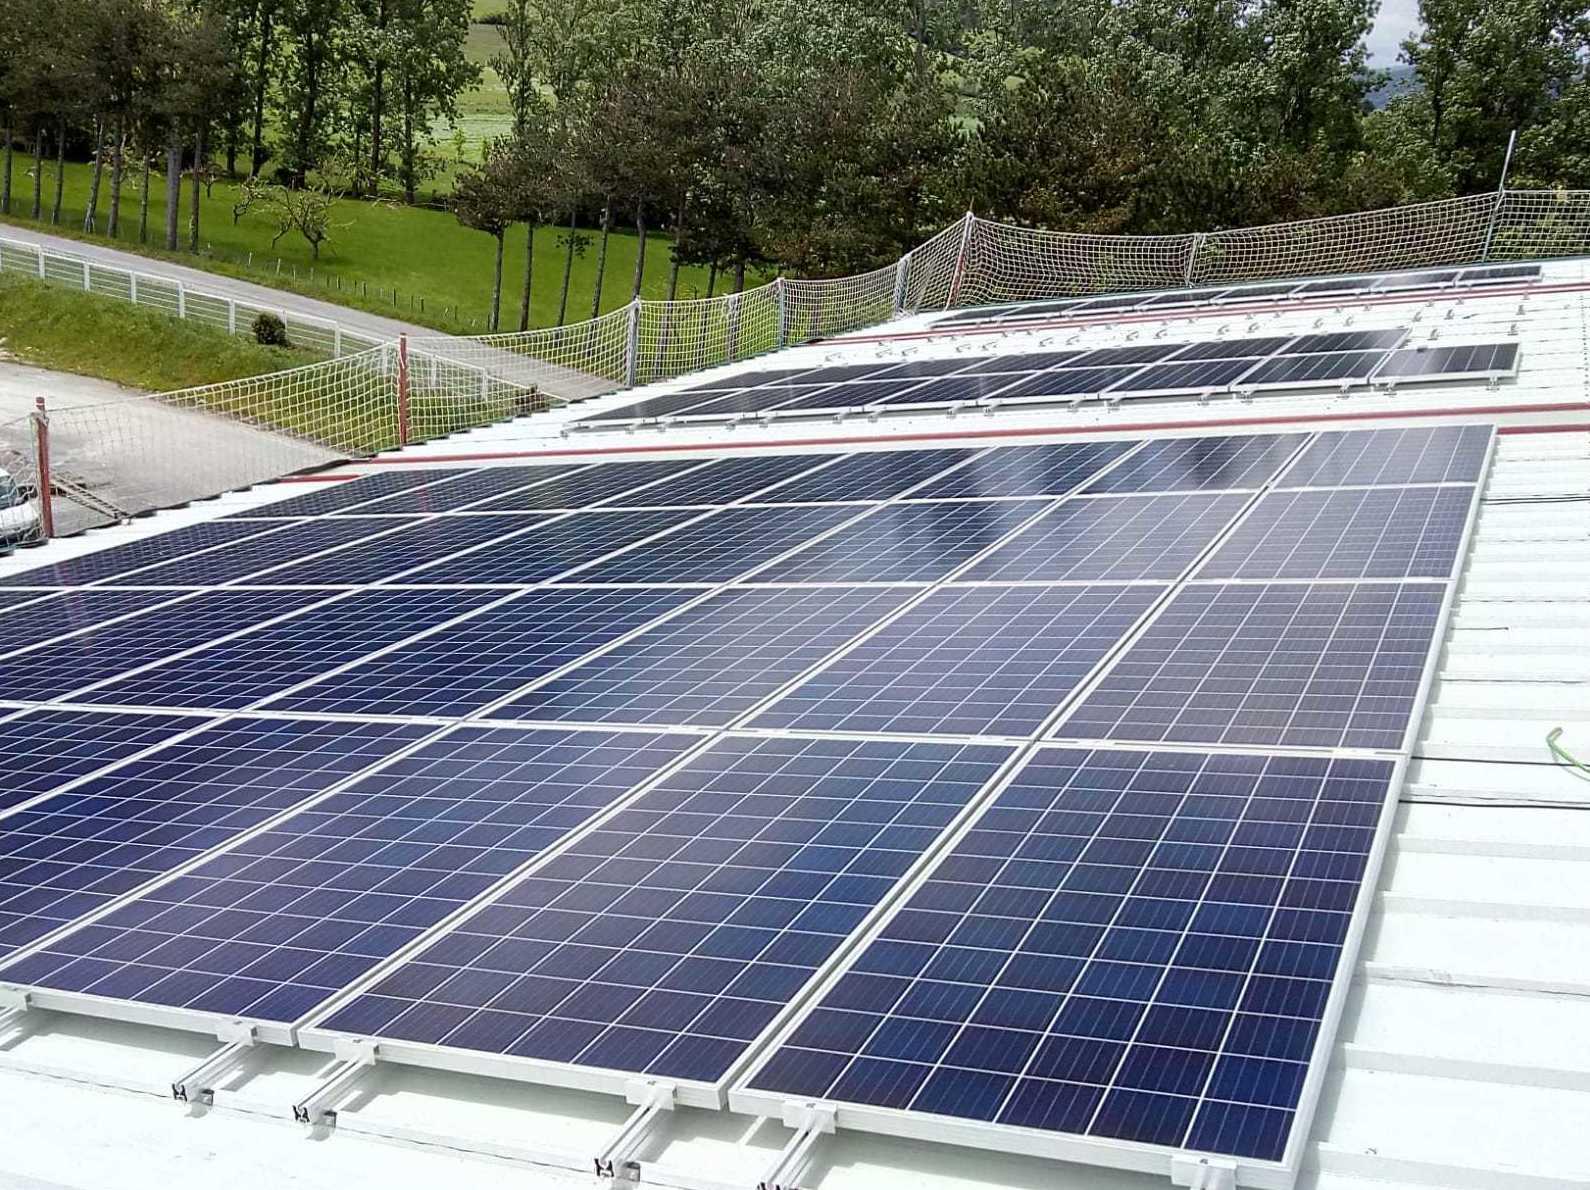 Eficiencia Energetica, Instalación fotovoltaica para la Industria Uhalrod Navarra